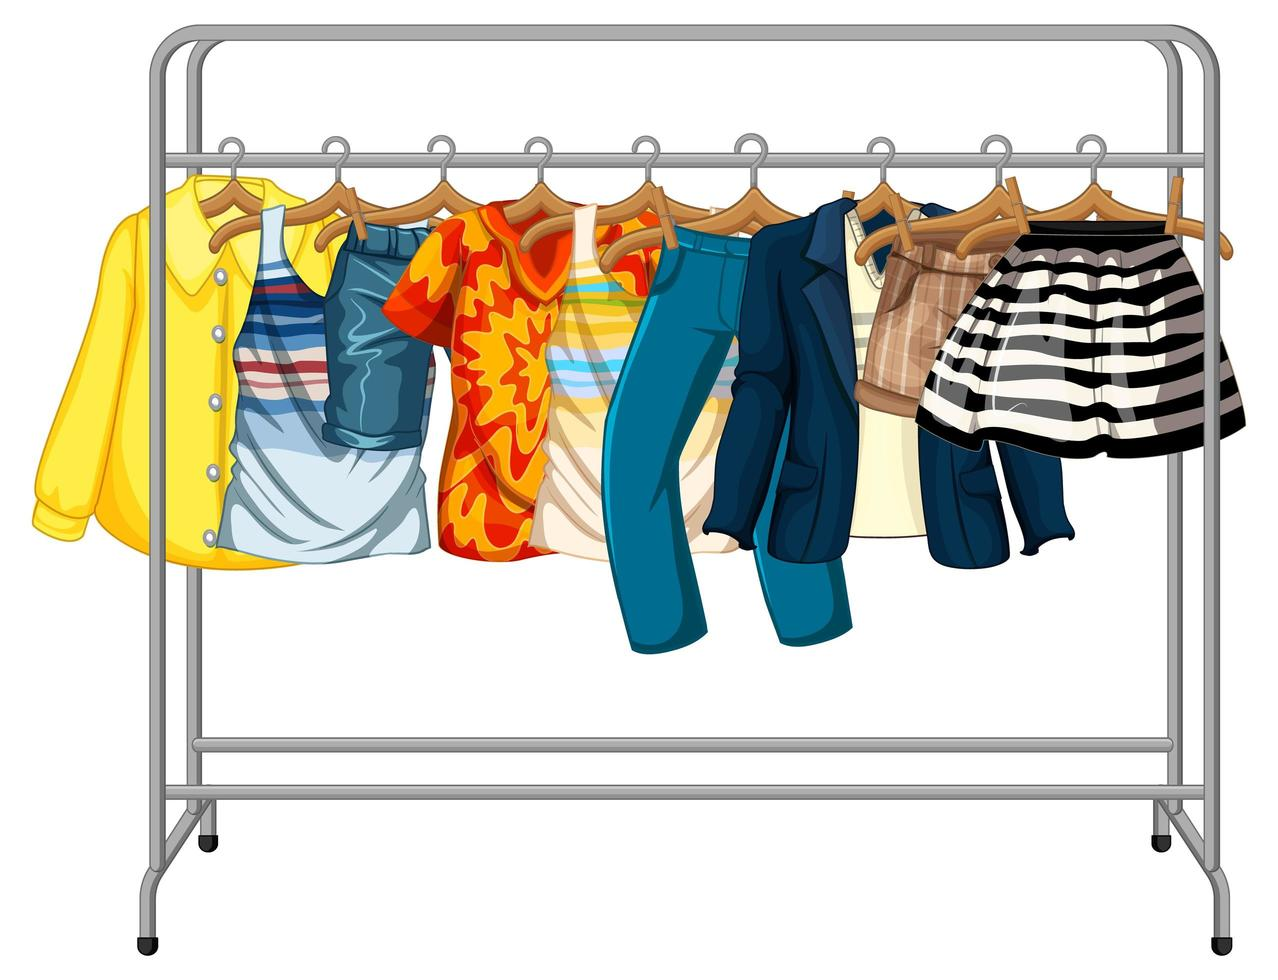 viele Kleider hängen an einem Kleiderständer vektor